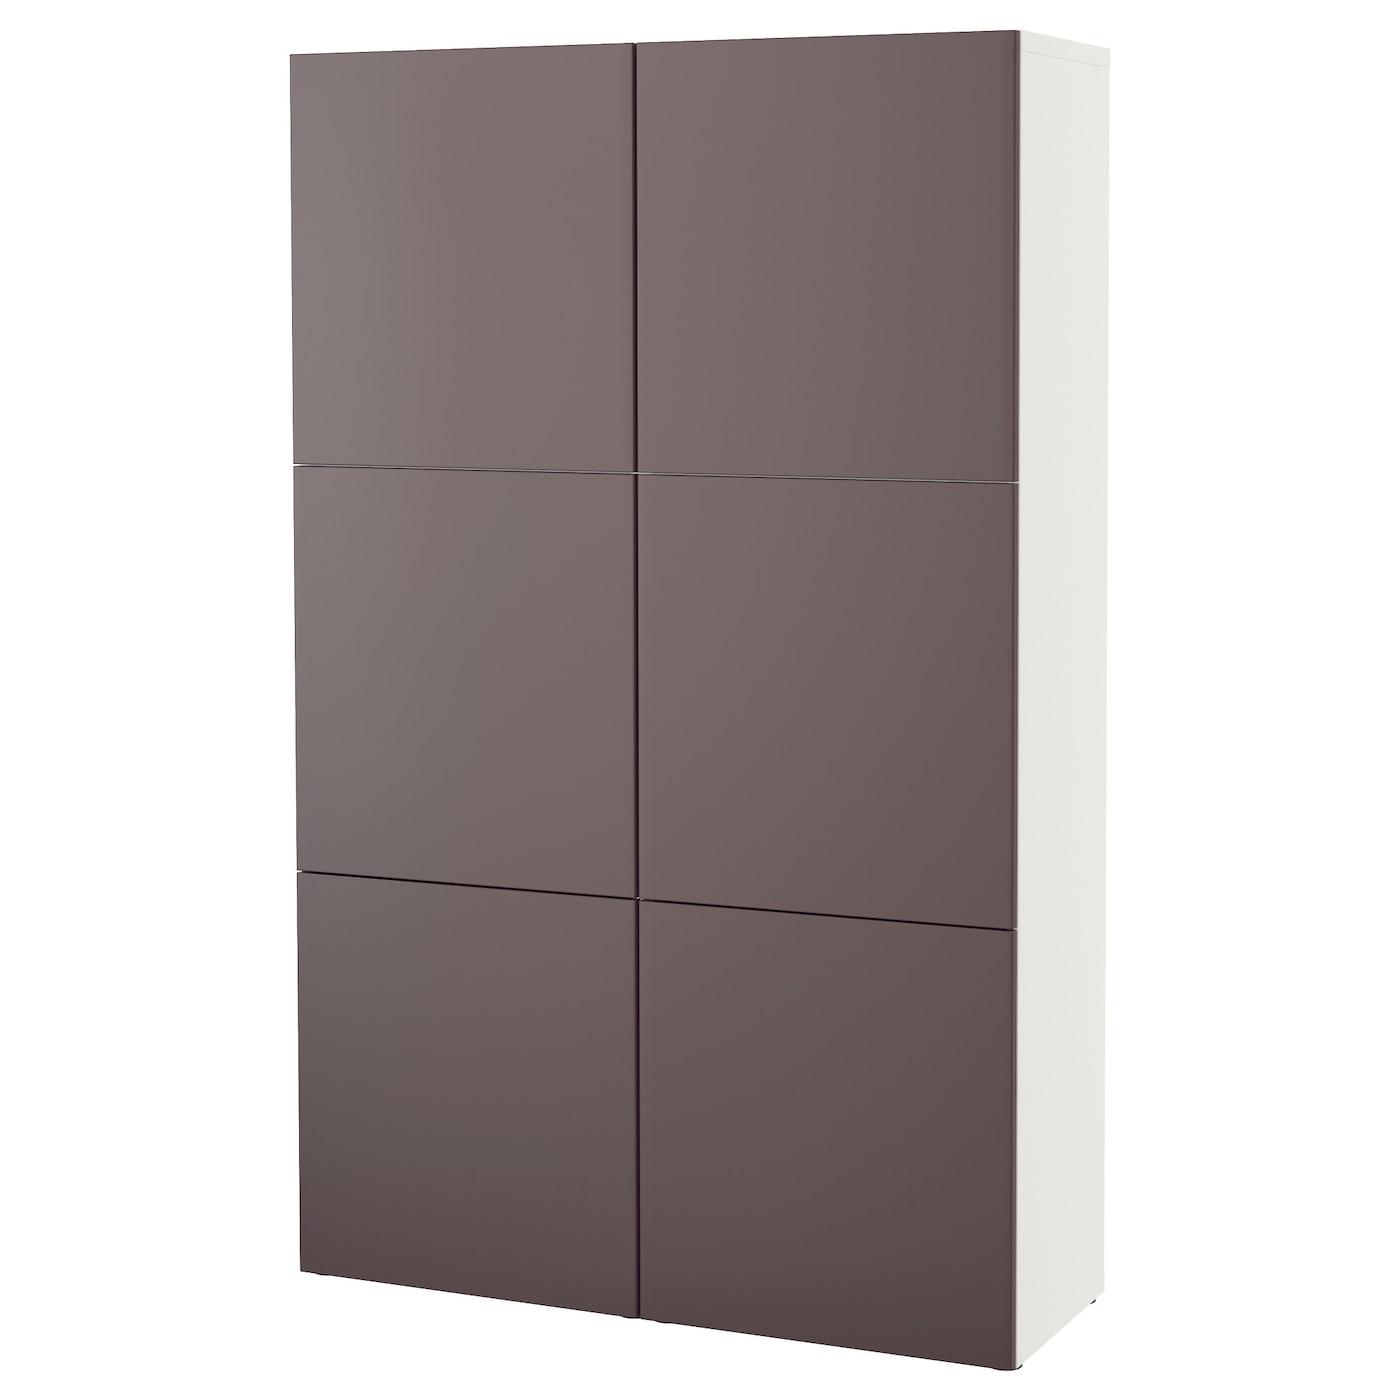 2 Bedroom Apartments In Champaign Il Ikea Besta Door 28 Images Best 197 Storage Combination